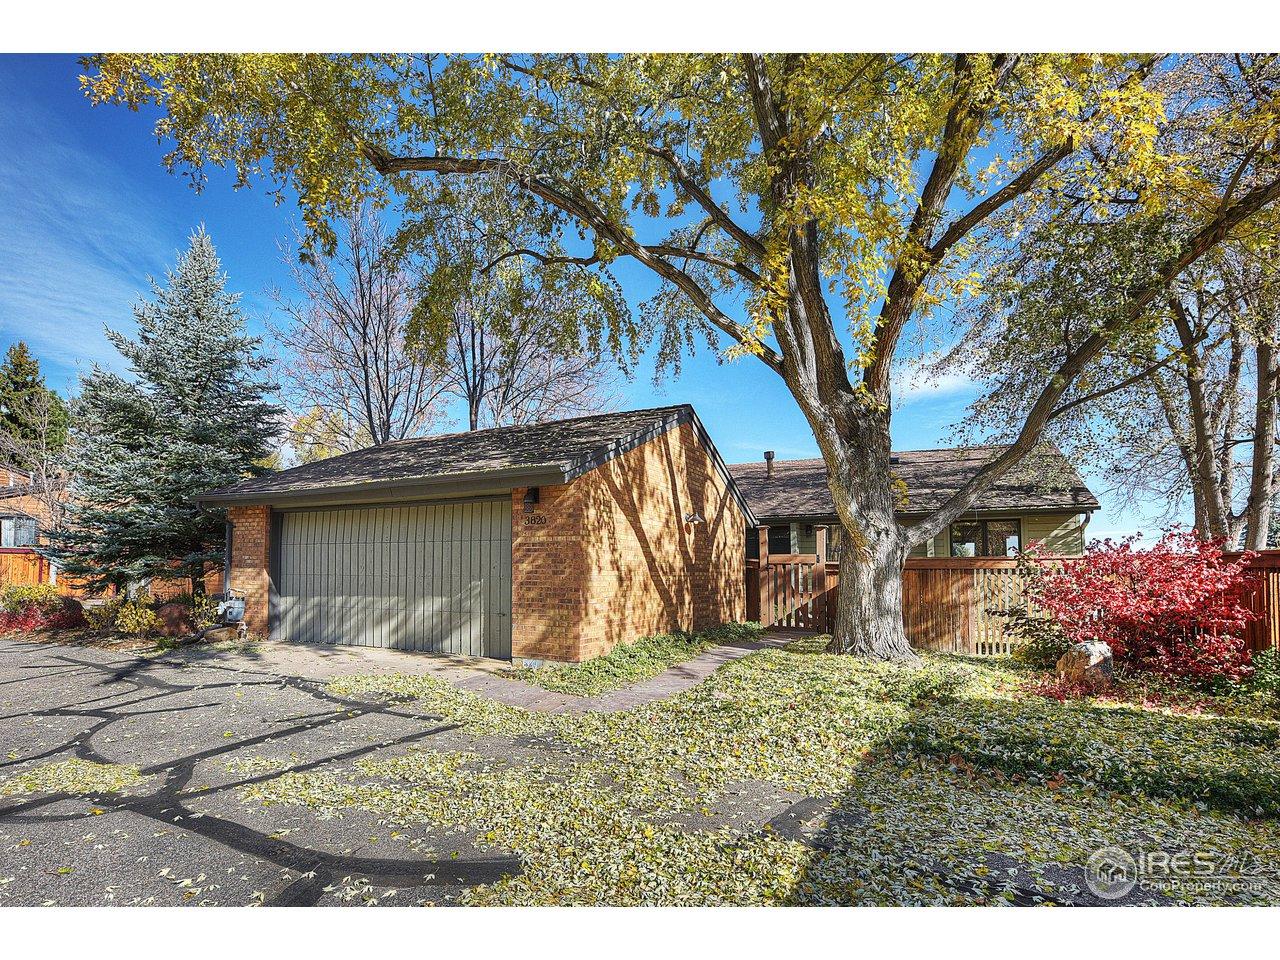 3820 Lakebriar Dr, Boulder CO 80304